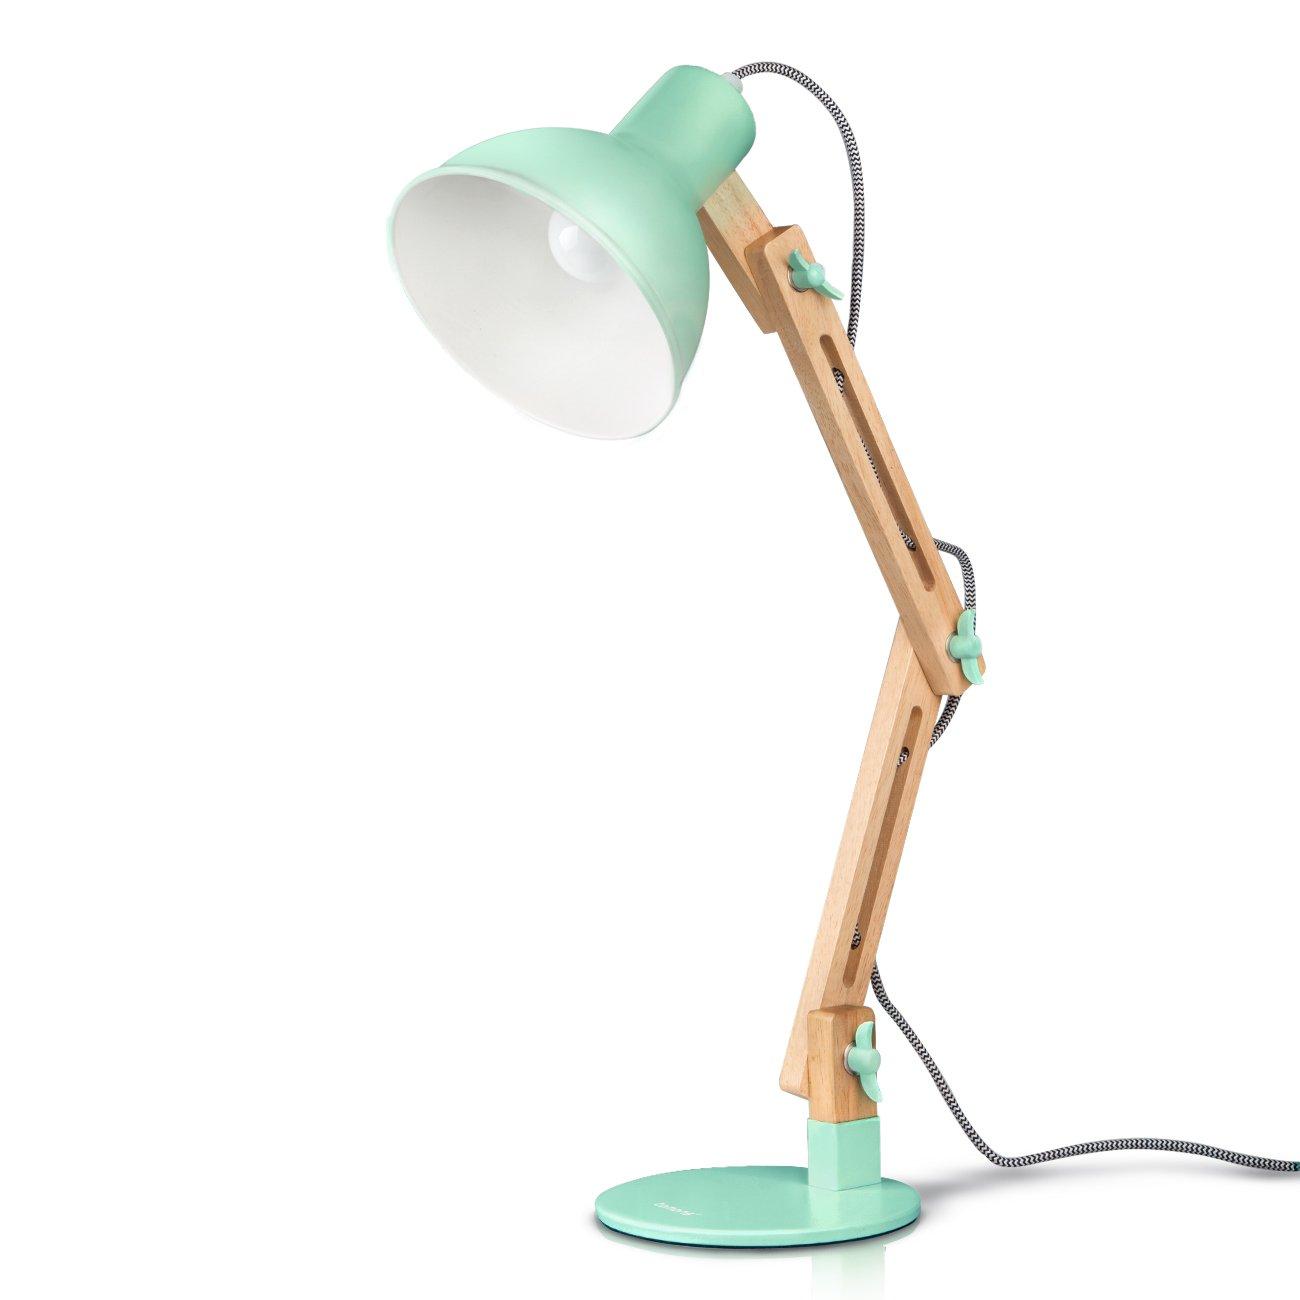 Tomons Leselampe im klassichen Holz-Design, Schreibtischlampe, Tischleuchte, verstellbare Schreibtischlampe, Lampe mit verstellbarem Arm, Augenfreundliche Leselampe, Arbeitsleuchte, Bürolampe, Nachttischlampe, Designer-Lampe Bürolampe